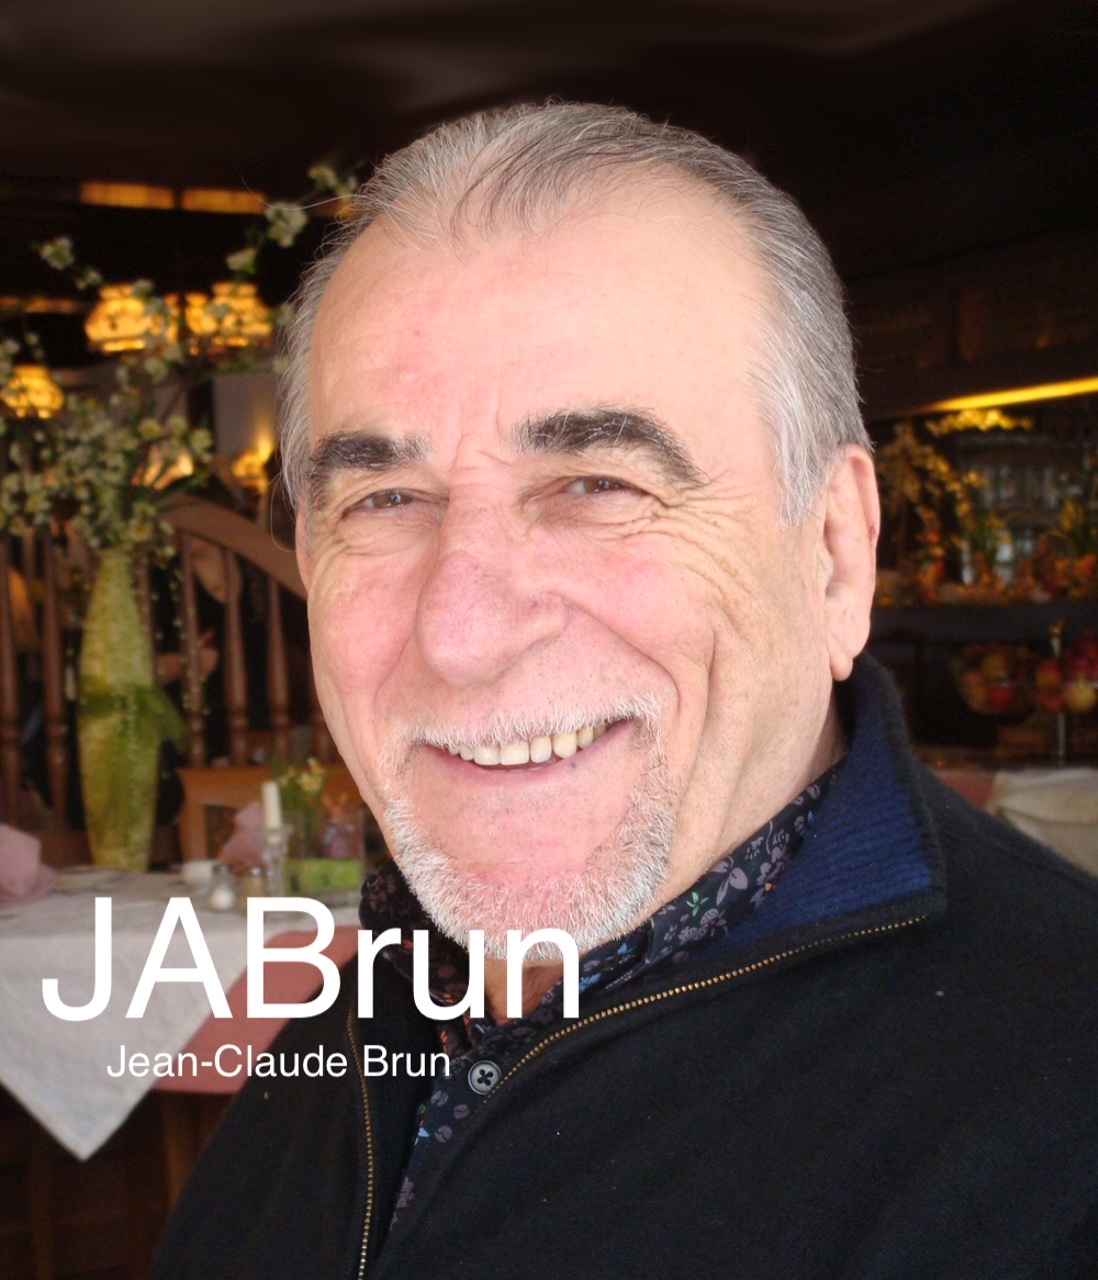 JABrun Jean-Claude